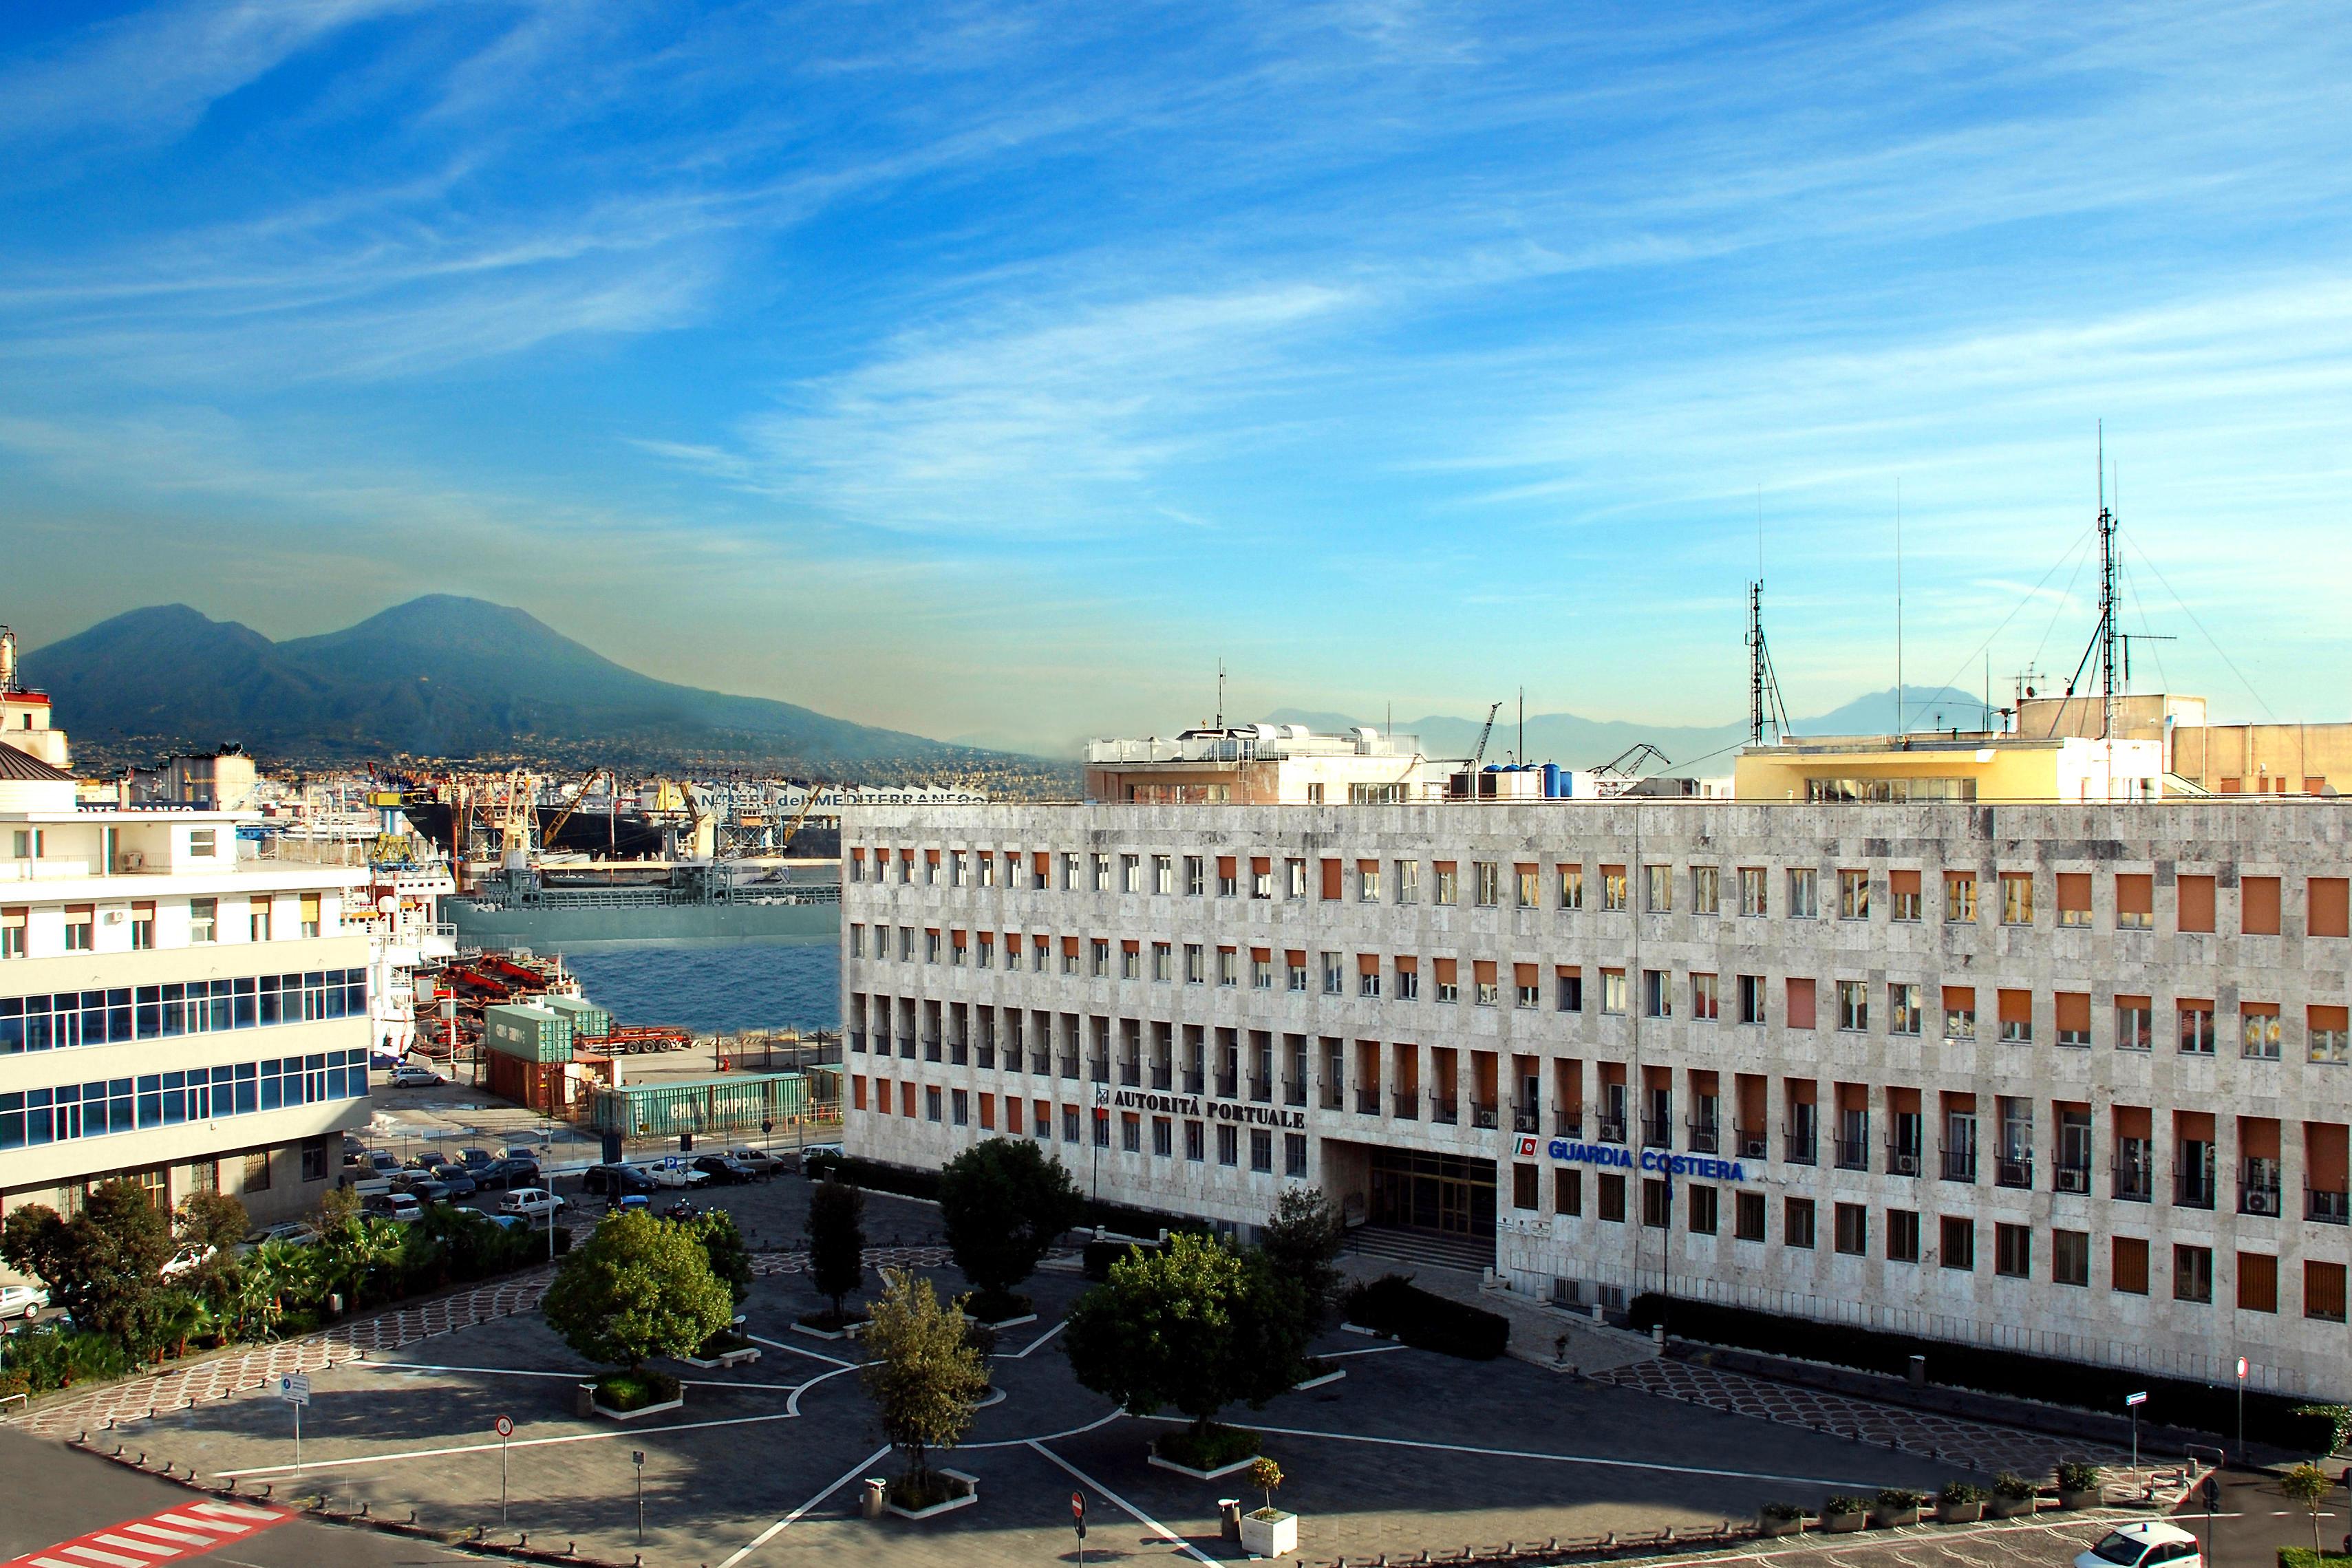 Ufficio Turistico A Napoli : L ufficio nazionale israeliano del turismo partecipa a bmt